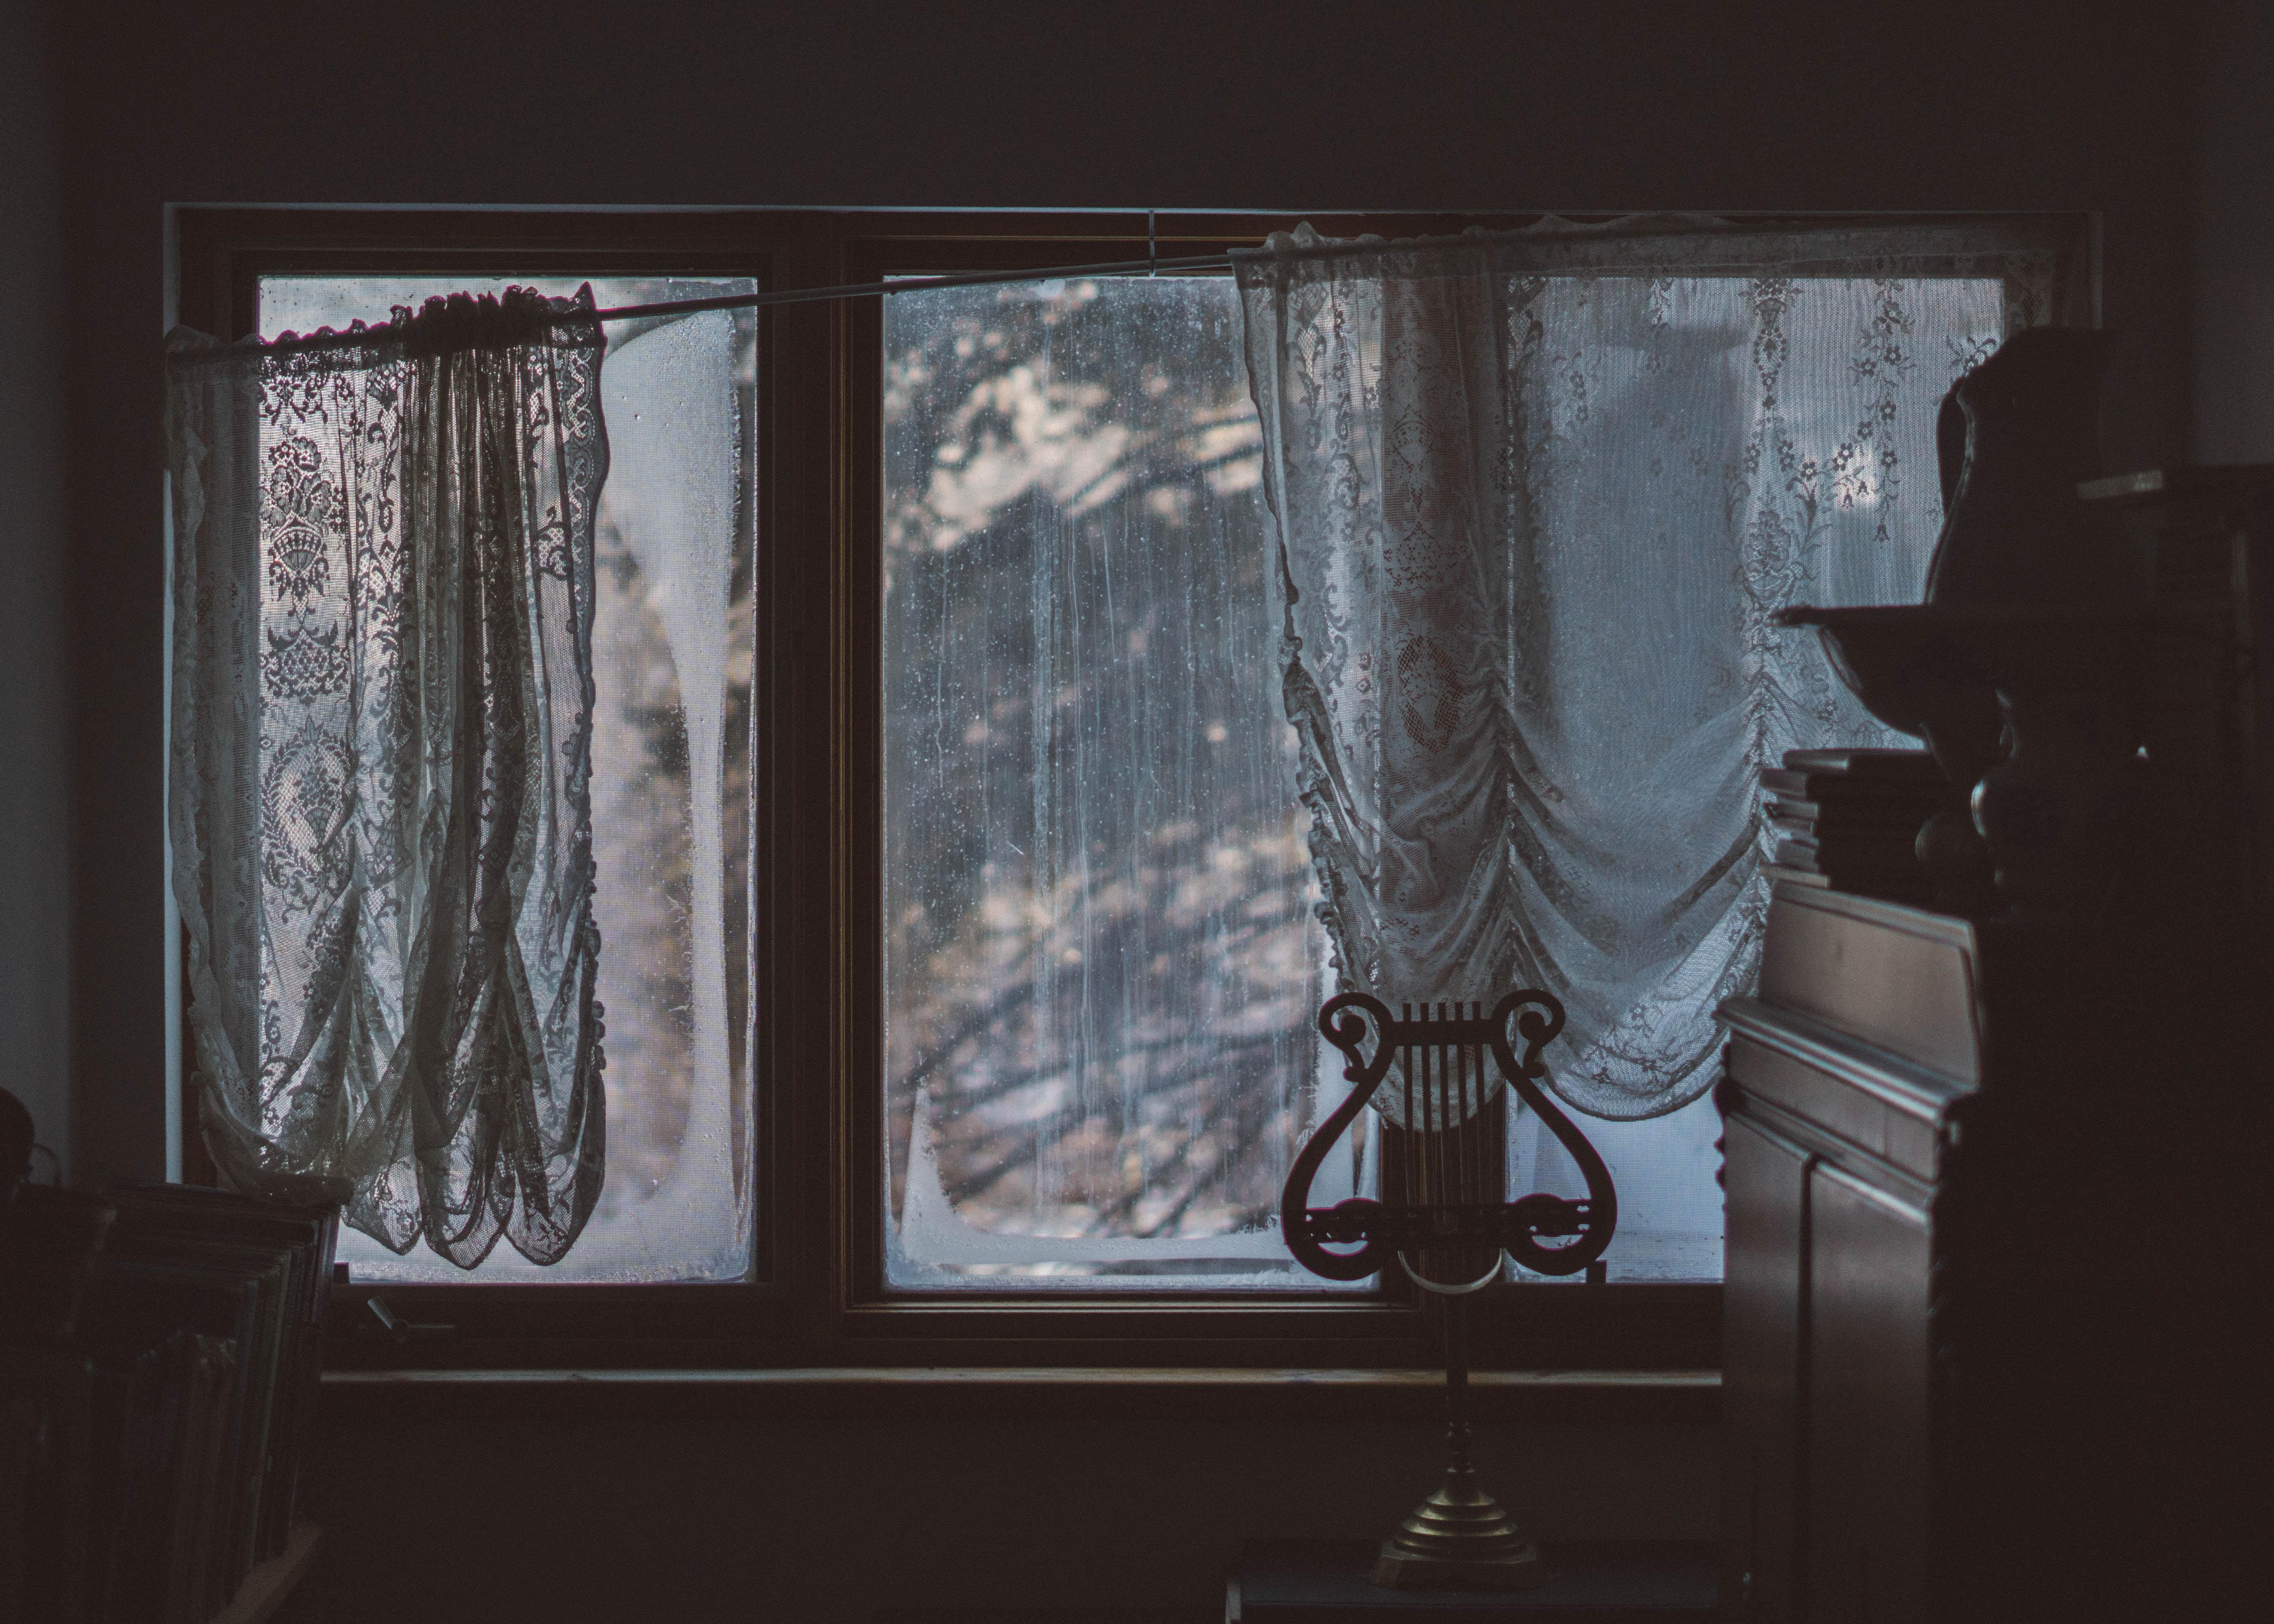 glass window with black frame